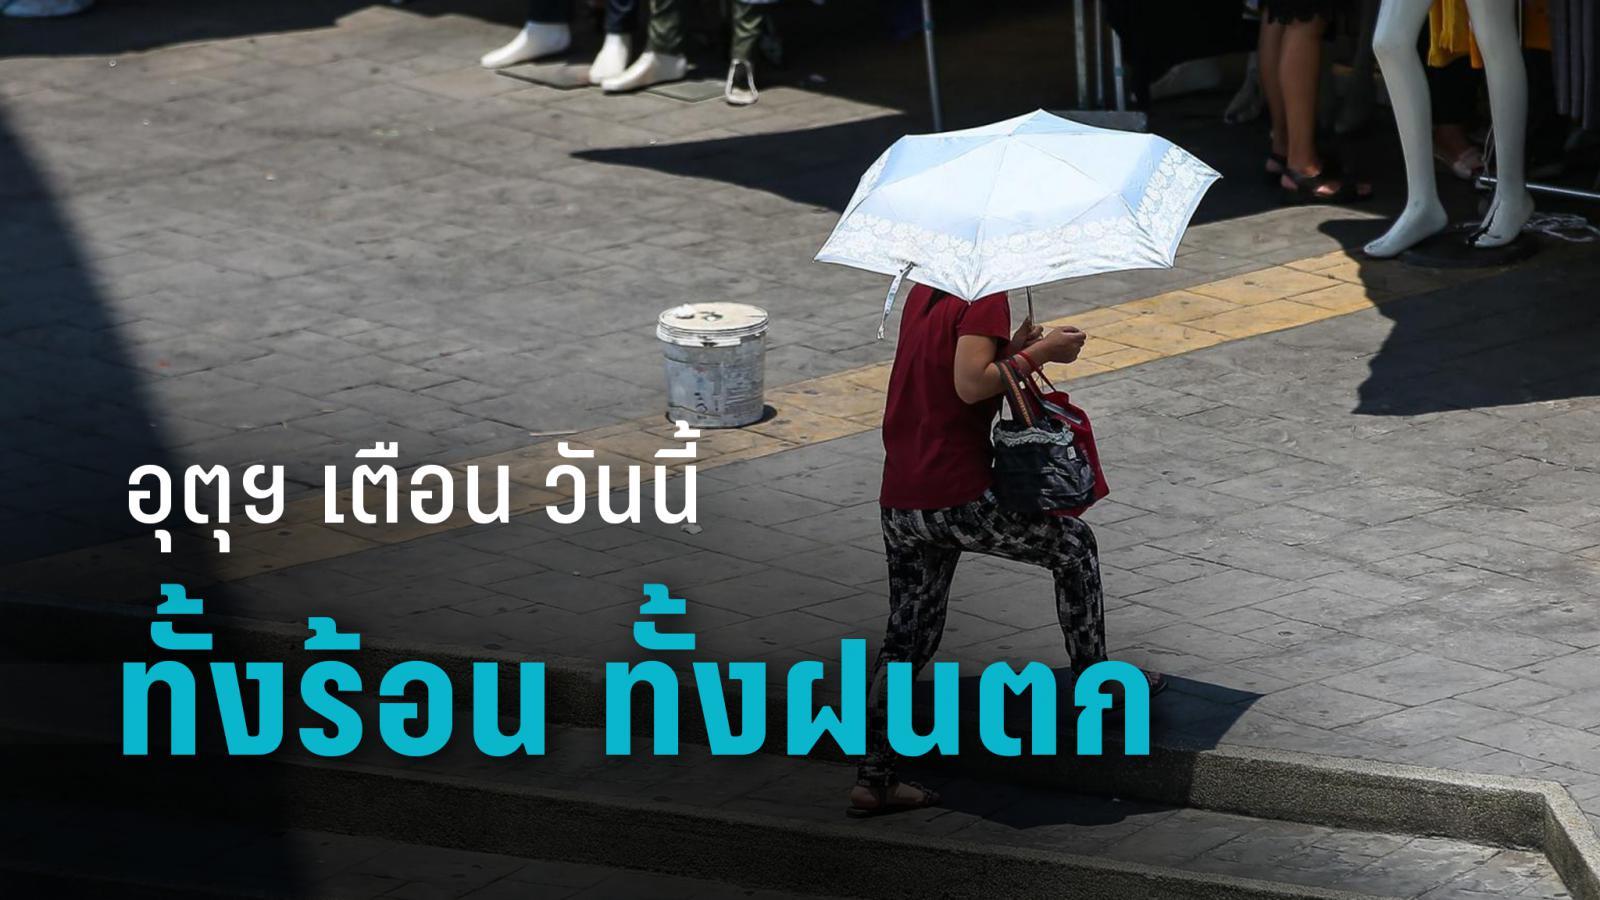 กรมอุตุฯ เตือน วันนี้อากาศร้อน - ฝนตกบางพื้นที่